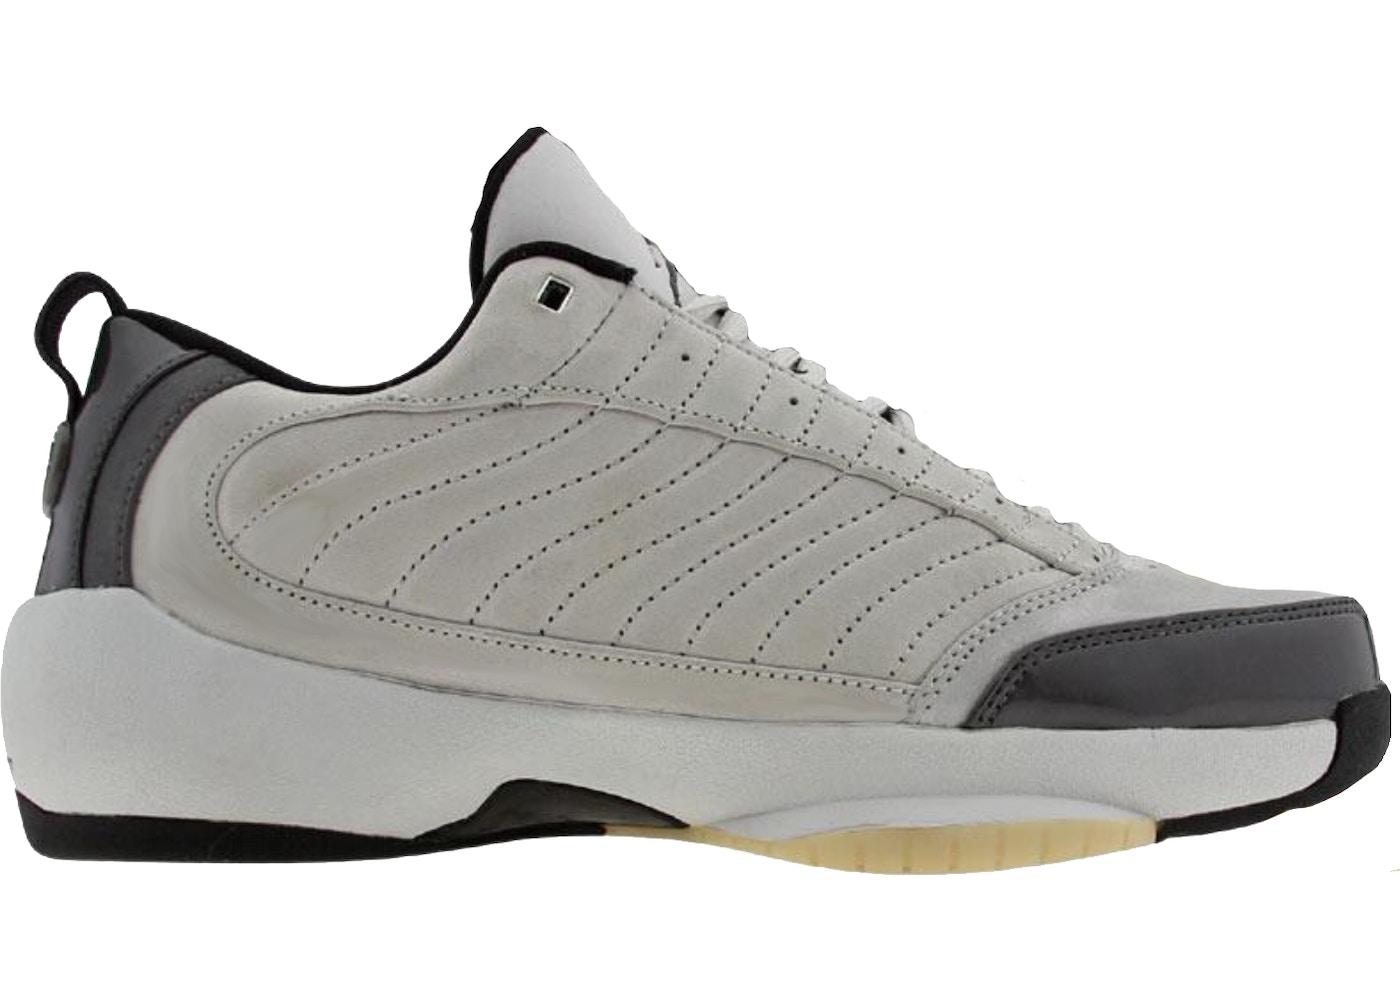 88d99690128f Buy Air Jordan 19 Shoes   Deadstock Sneakers